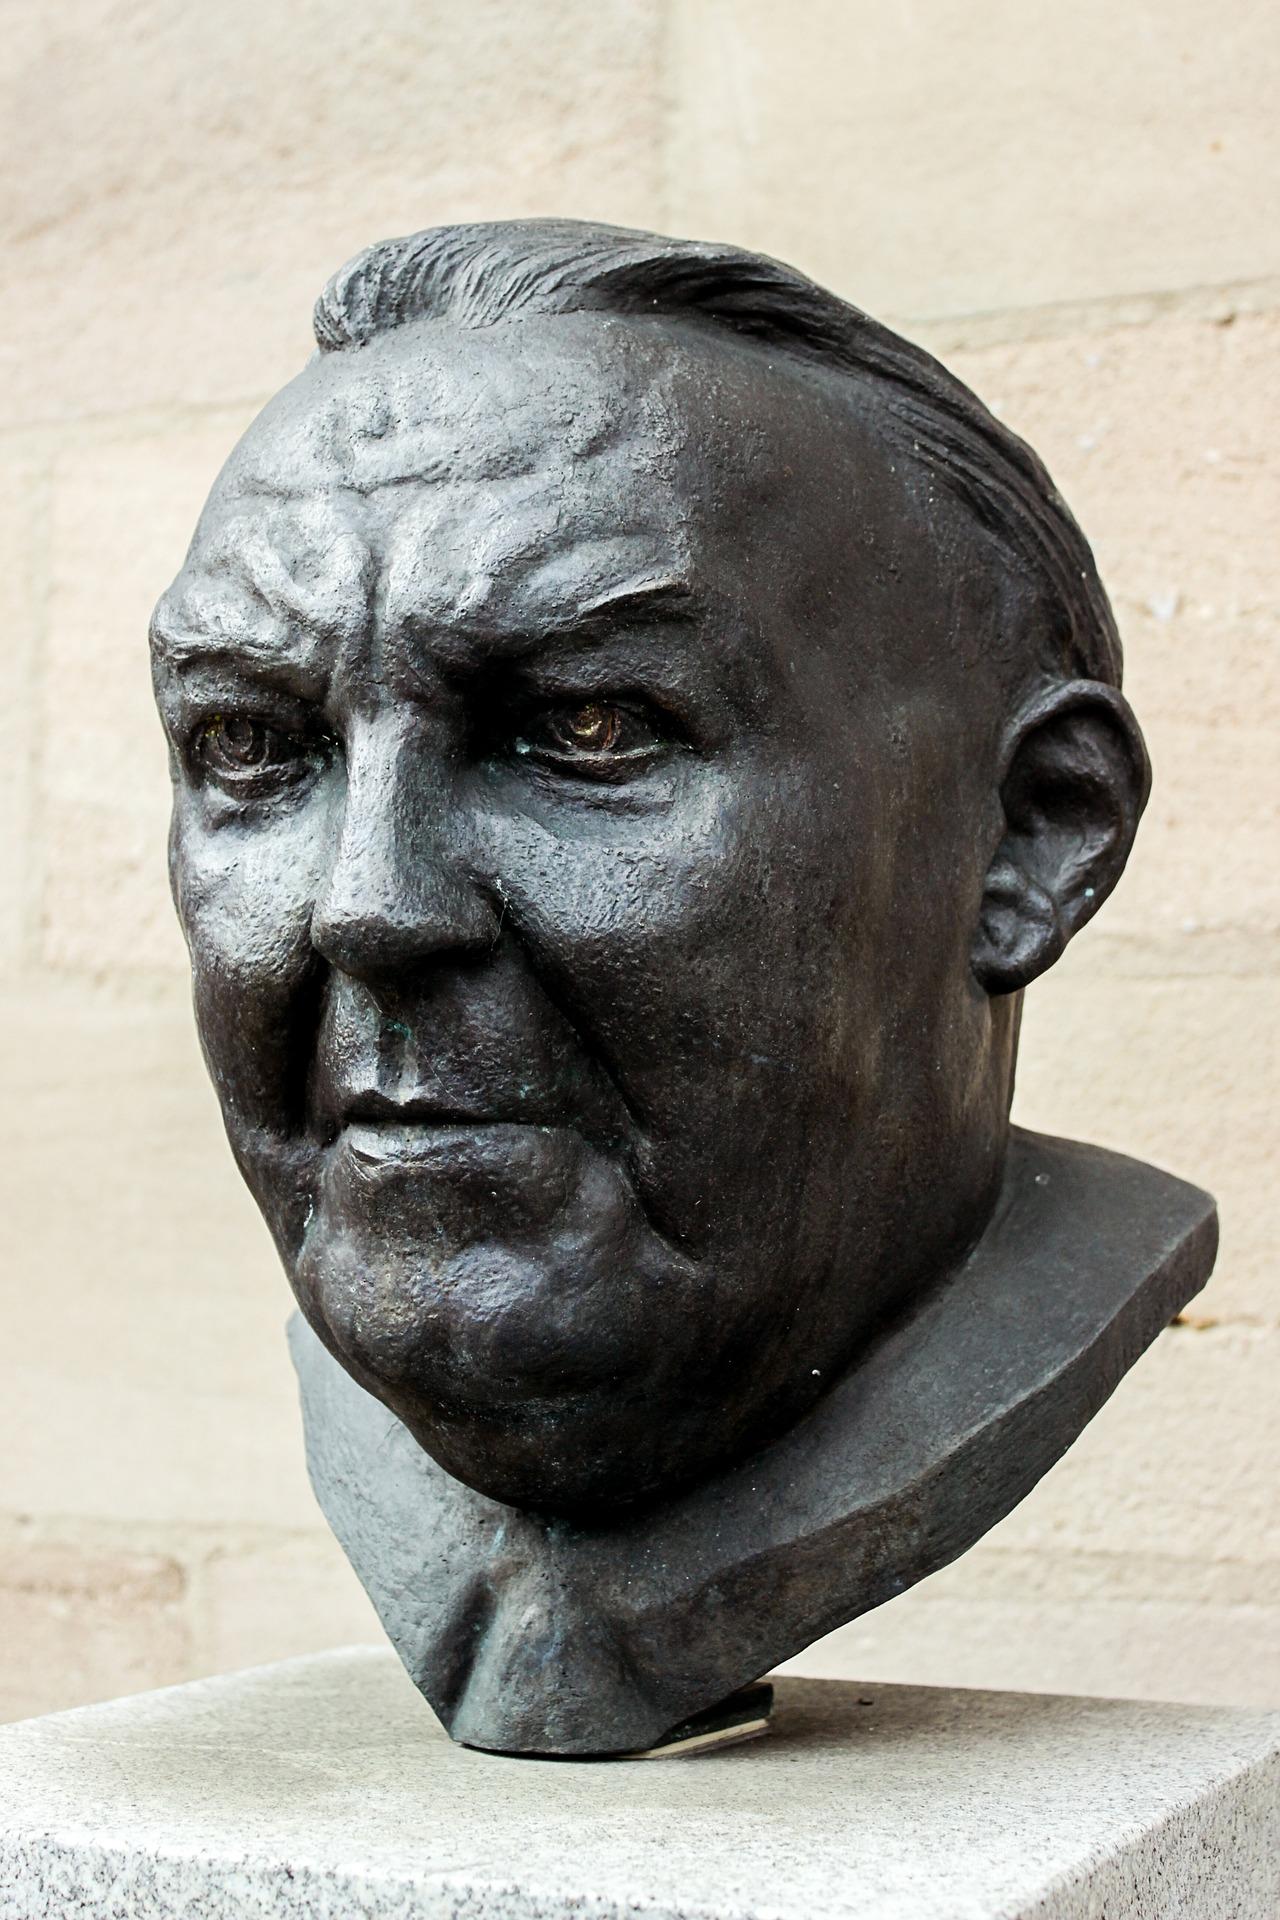 Bust of Ludwig Erhard